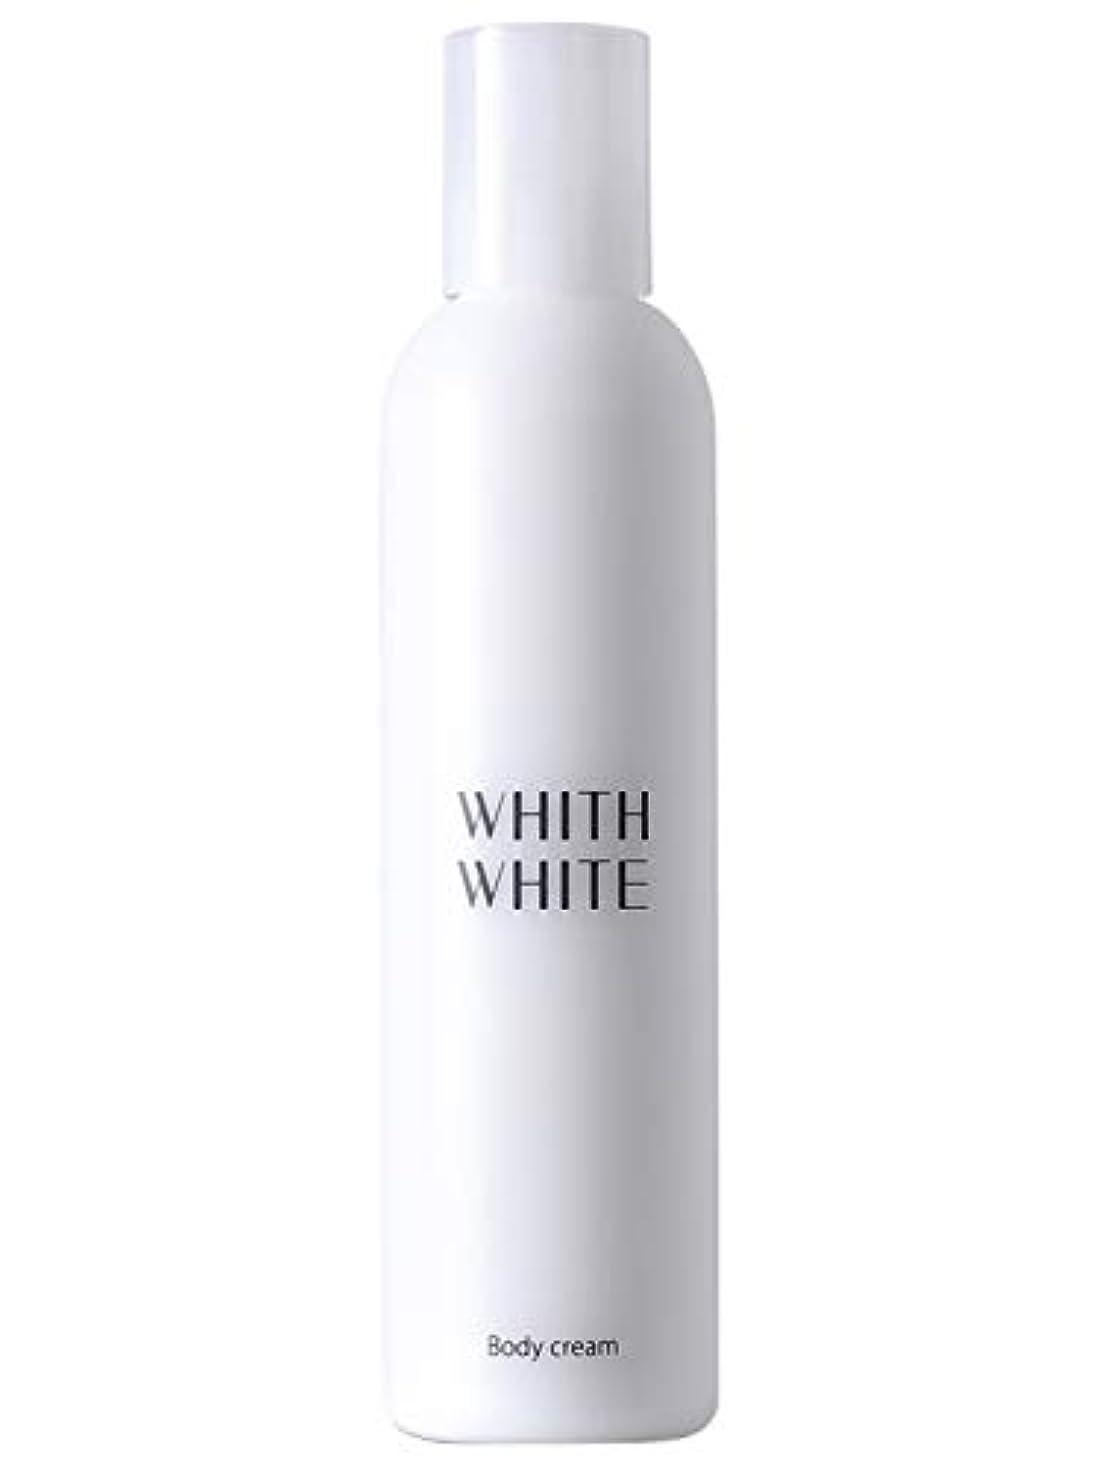 墓地専門化する不安定フィス ホワイト 保湿 ボディクリーム 「顔 かかと 全身 乾燥肌 しみ くすみ 用 エモリエント 保湿クリーム 」200g